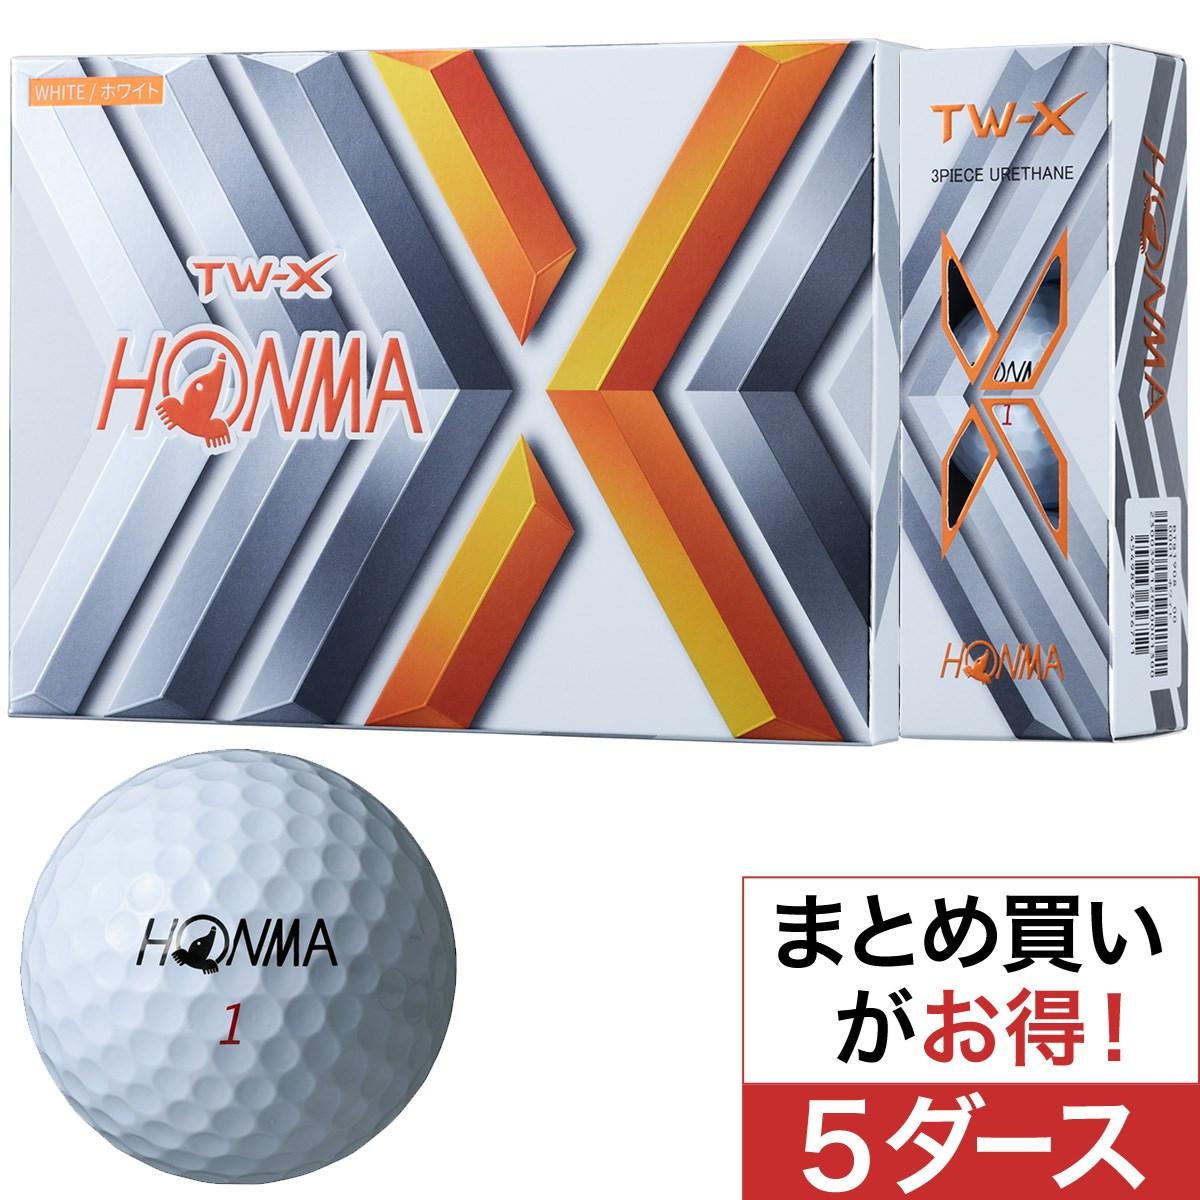 本間ゴルフ(HONMA GOLF) TW-X ボール 5ダースセット